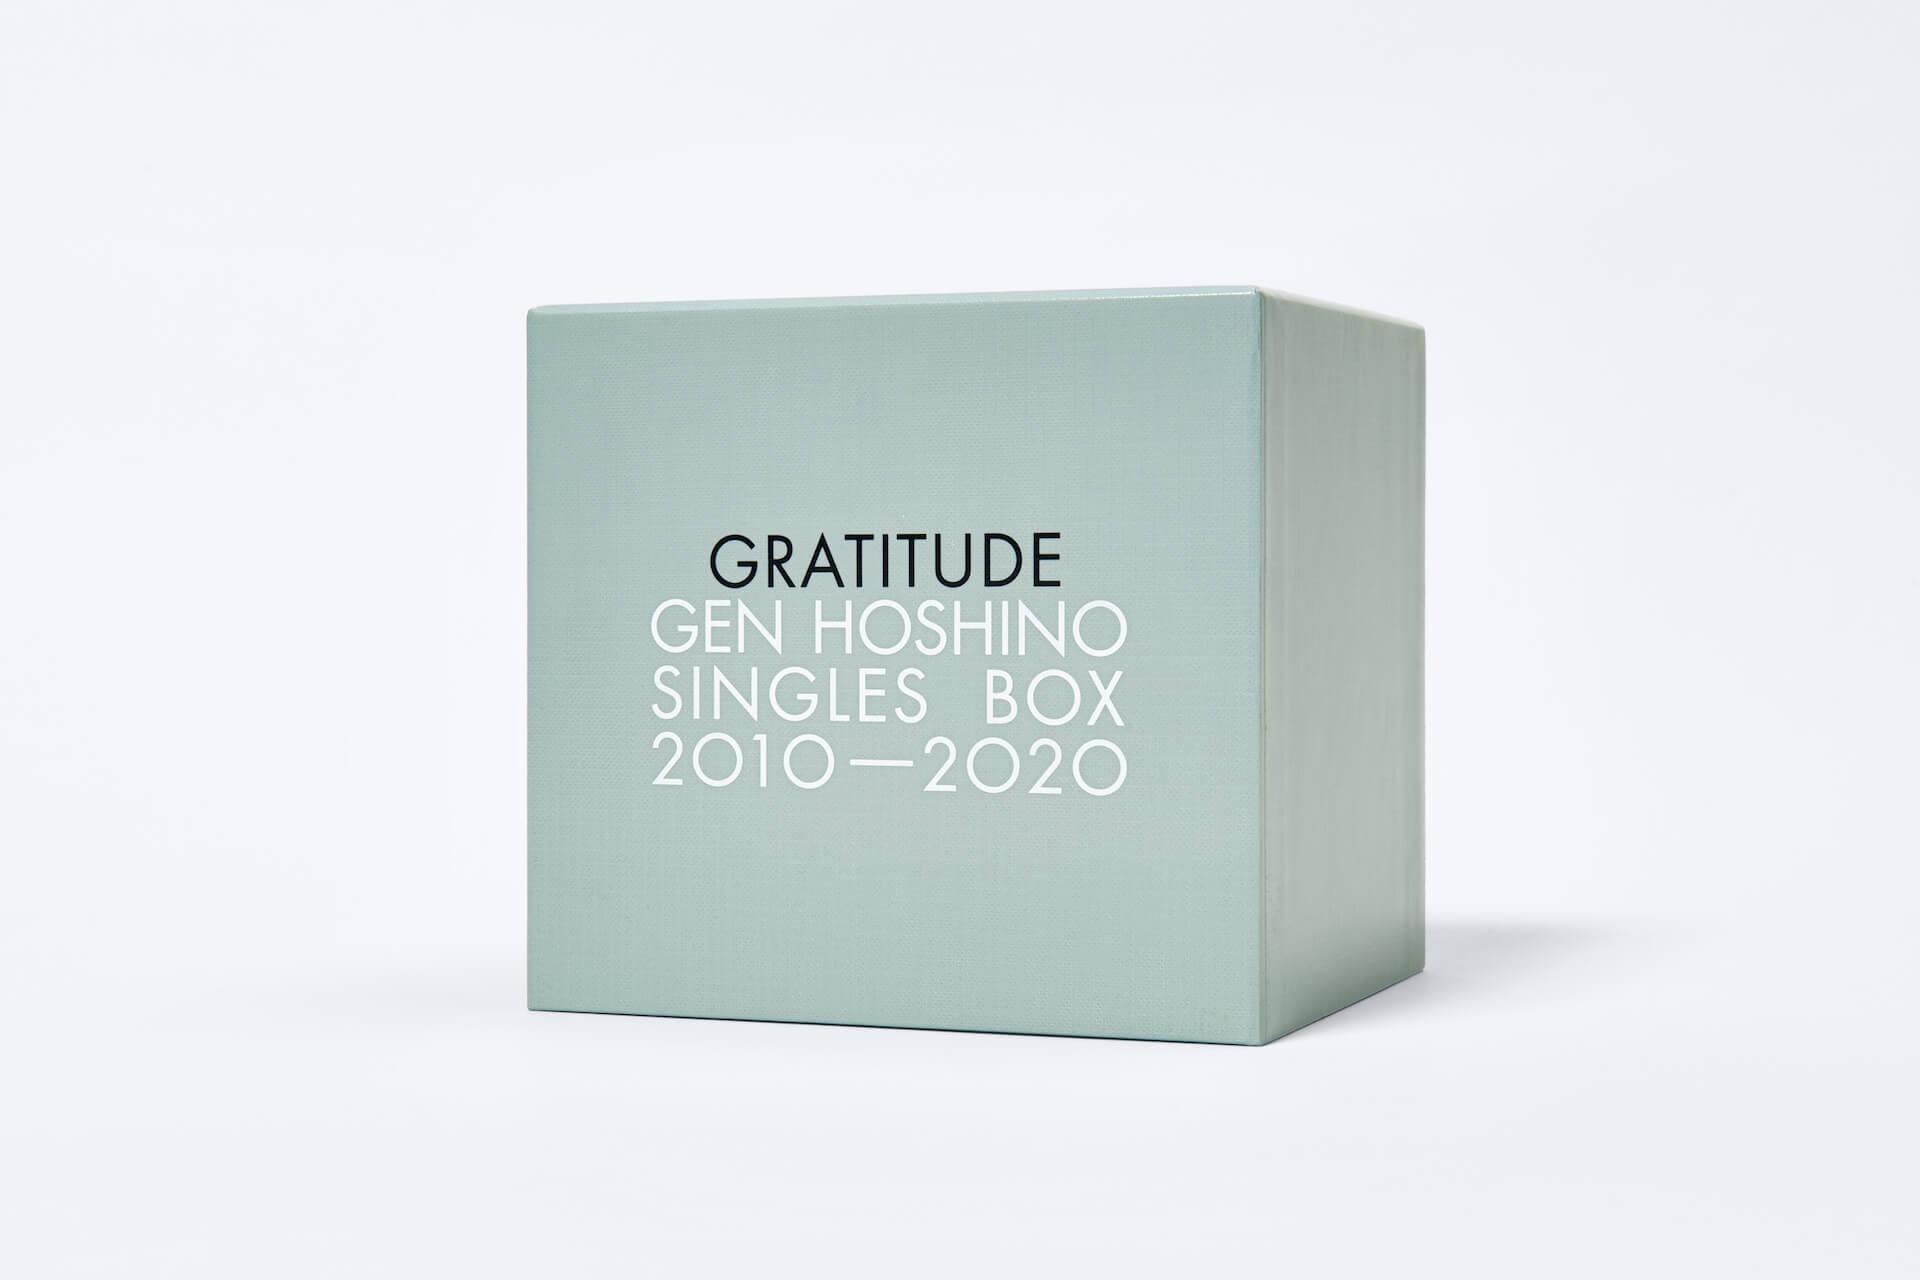 """星野源の10年分のシングルの軌跡をたどる作品『Gen Hoshino Singles Box """"GRATITUDE""""』のトレーラーが公開&BOXの最終デザインも解禁! music200929_hoshinogen_1"""